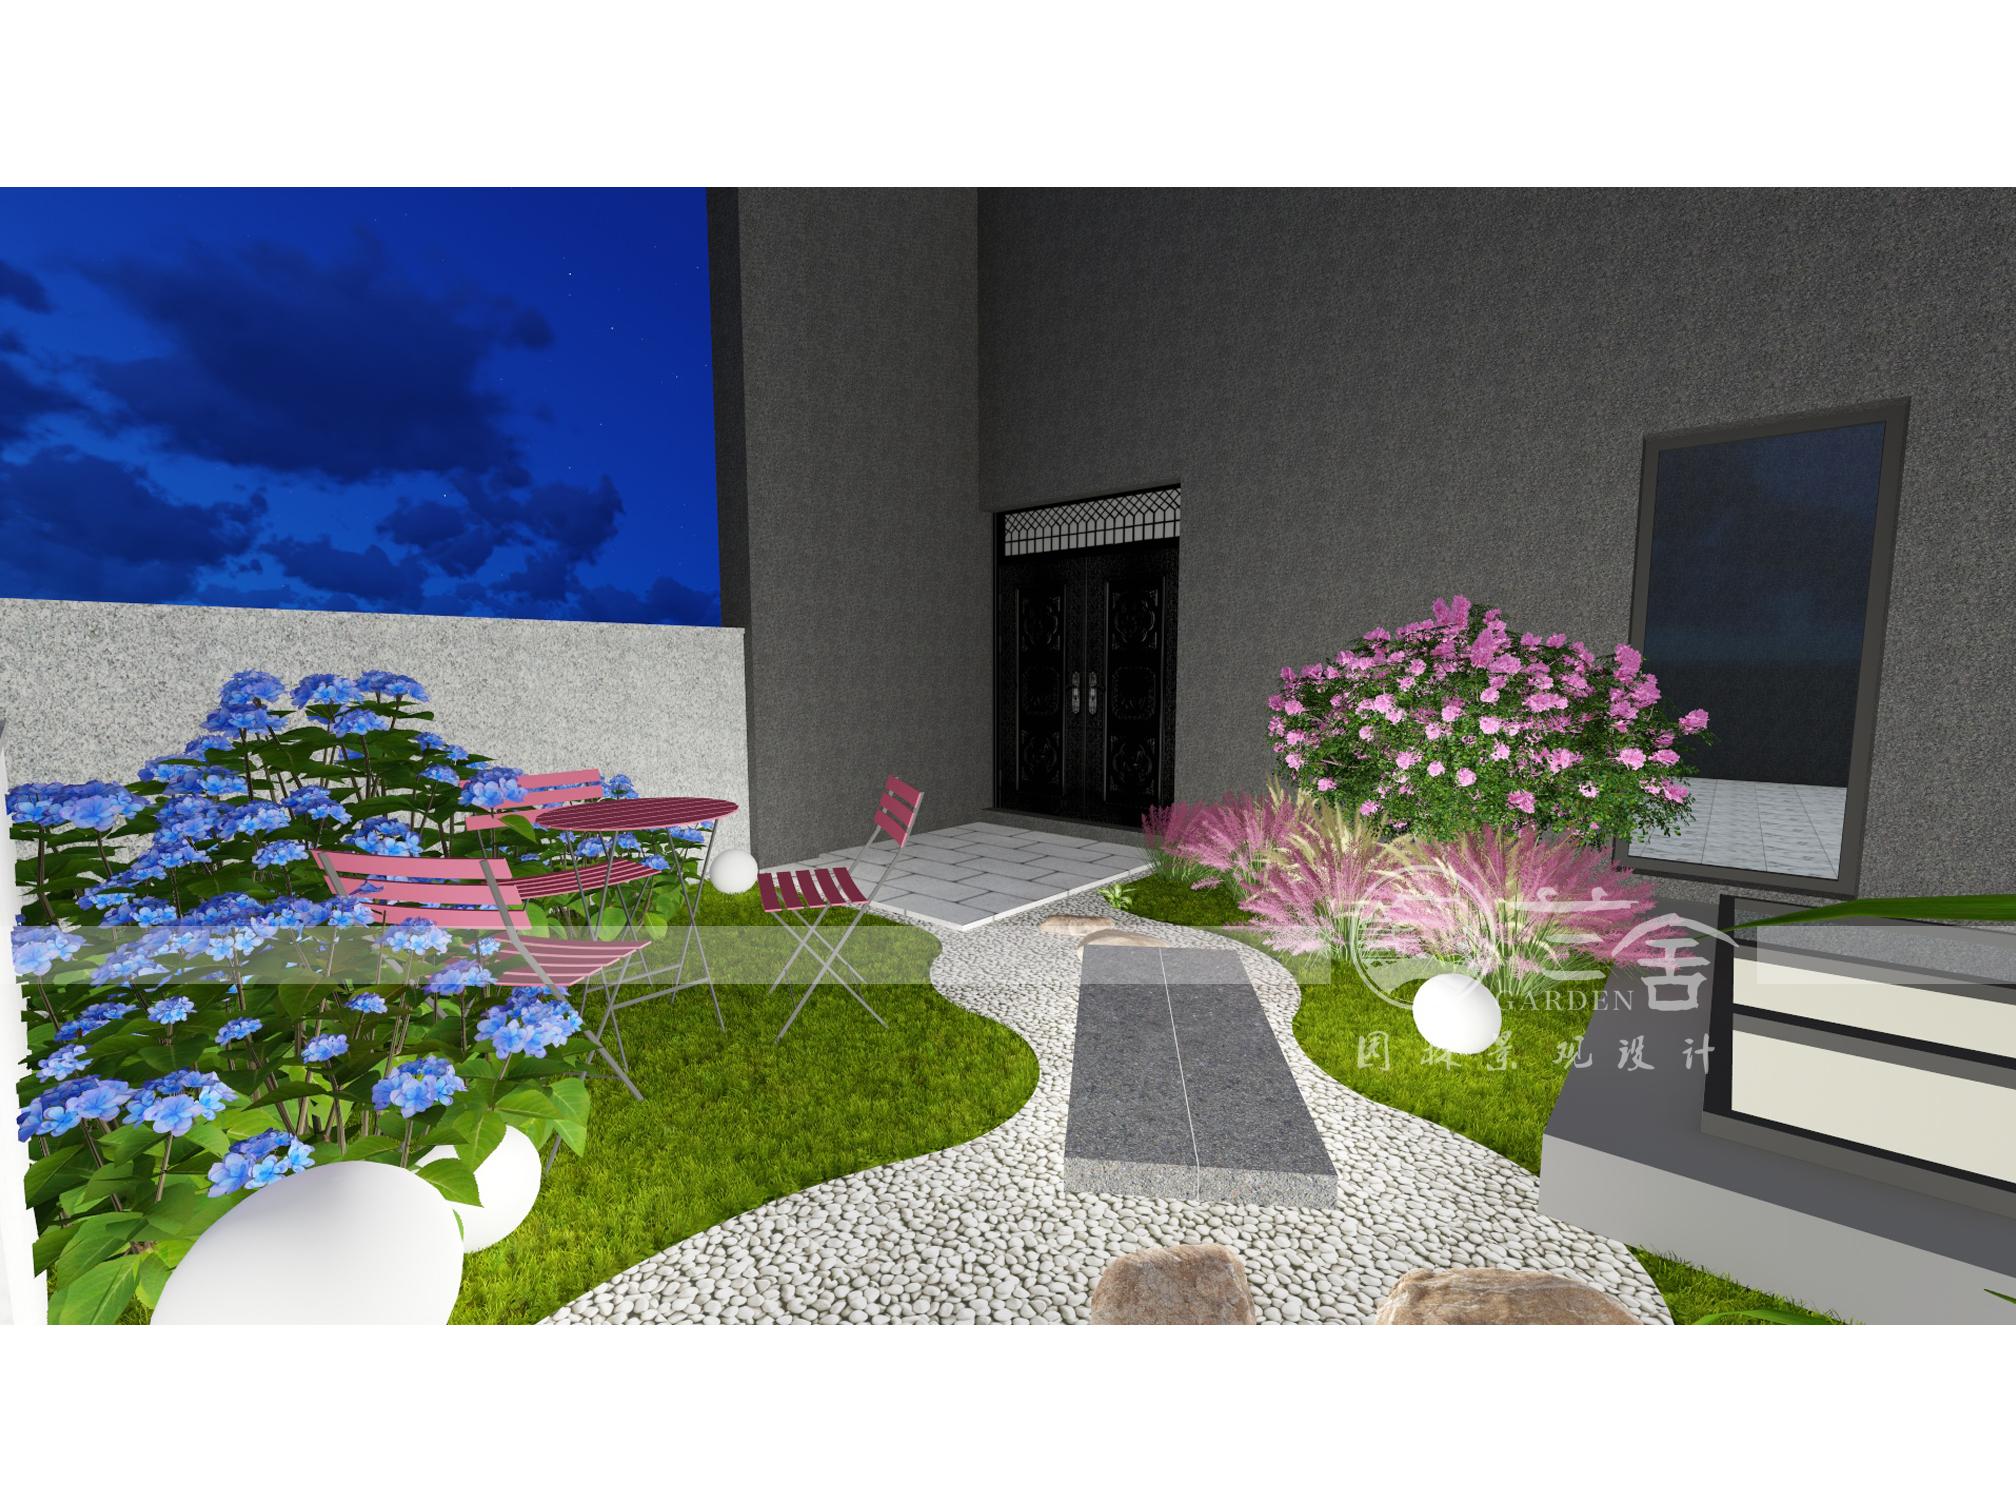 http://www.lan-she.com/data/images/product/20190315084922_701.jpg